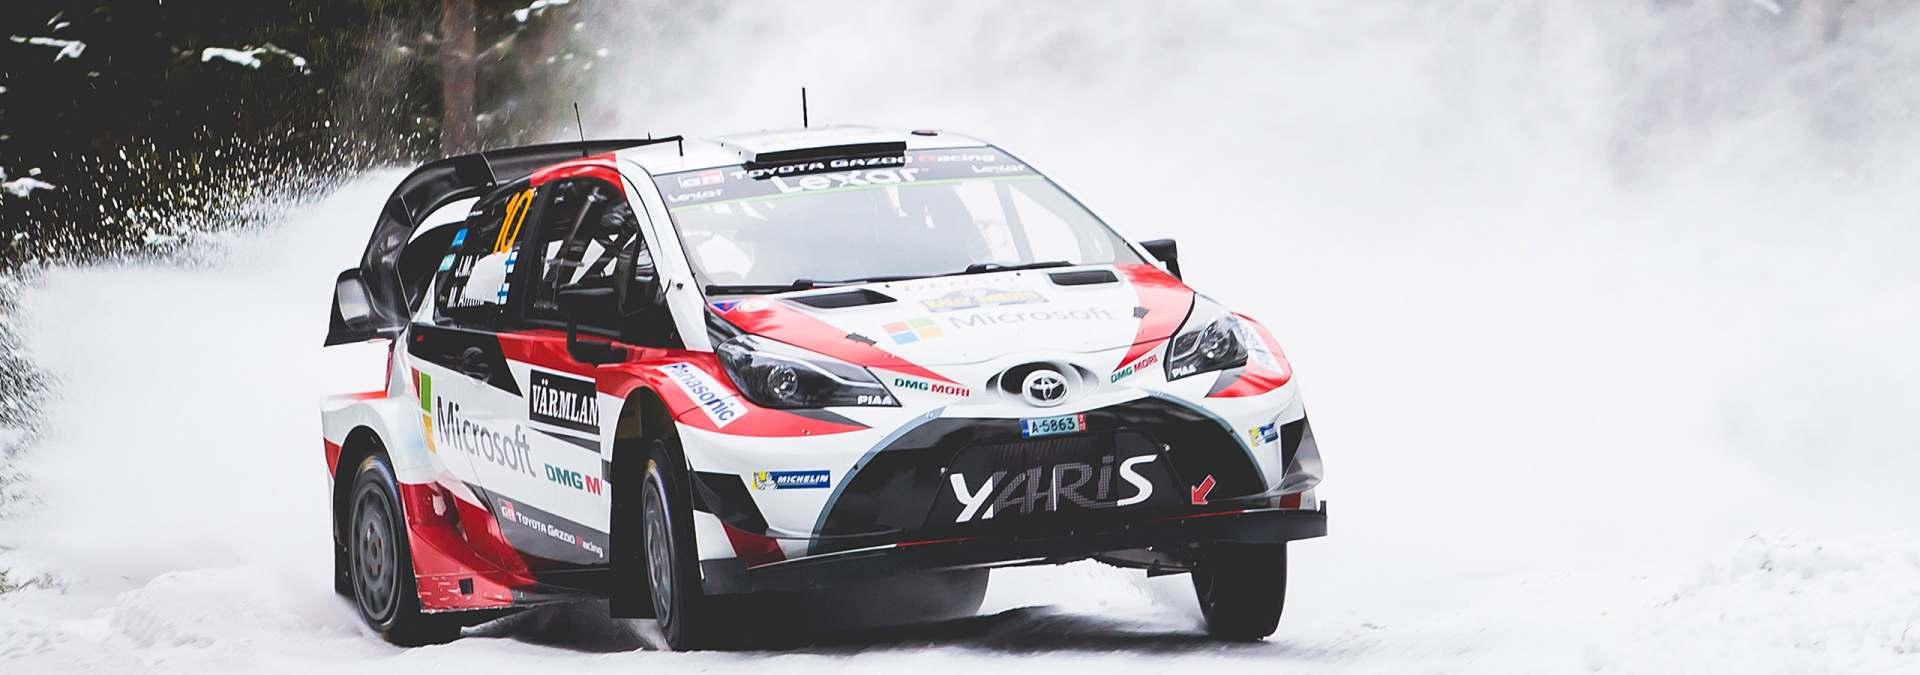 Jak powstaje samochód rajdowy WRC?